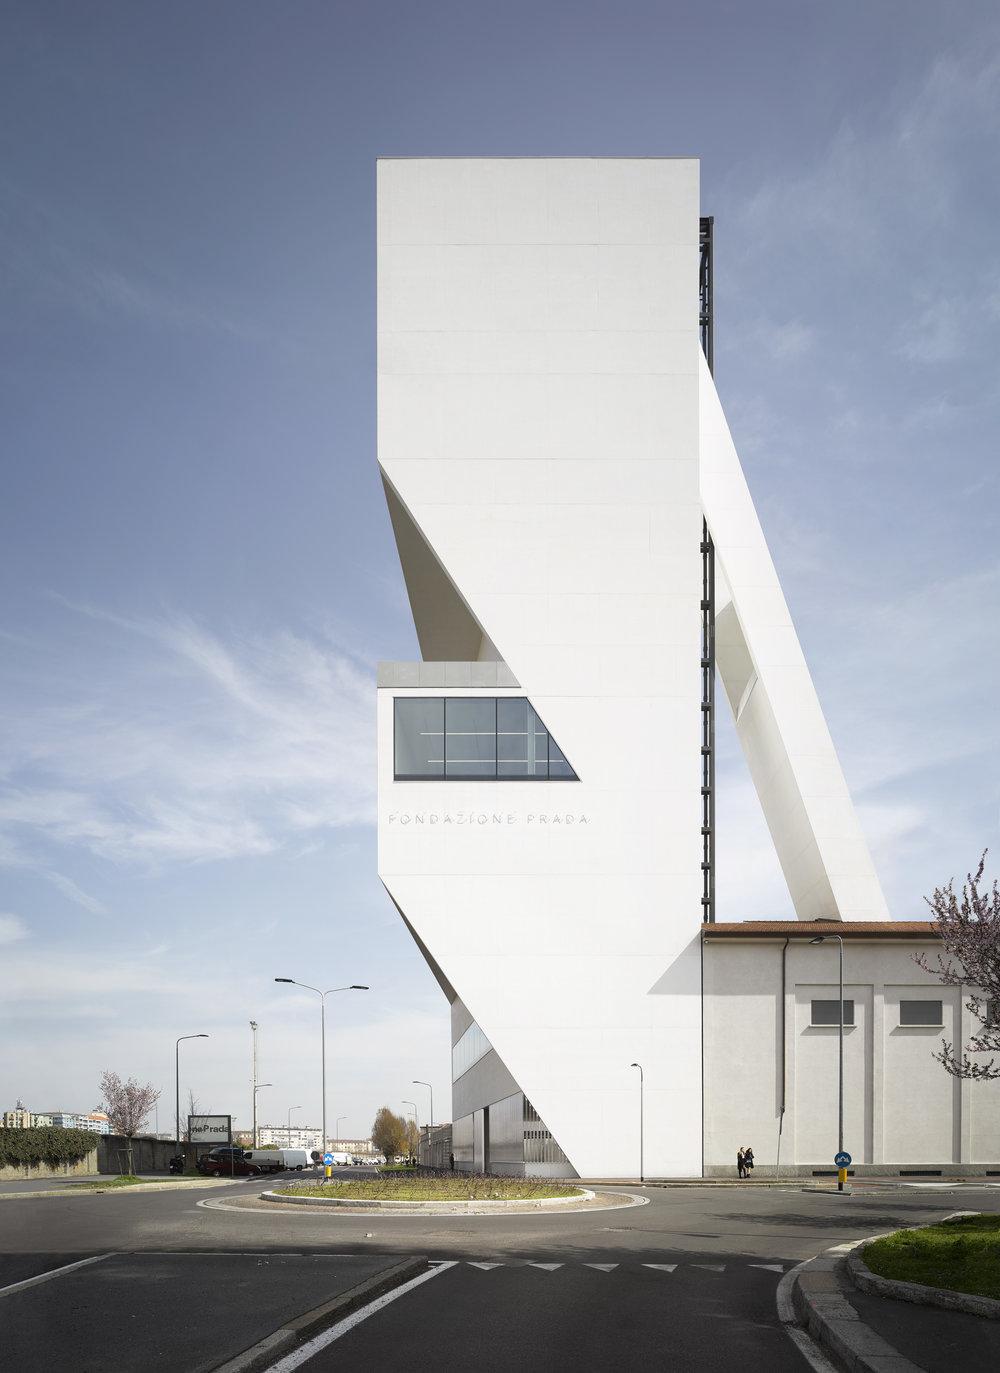 Fondazione Prada_Torre_3.jpg